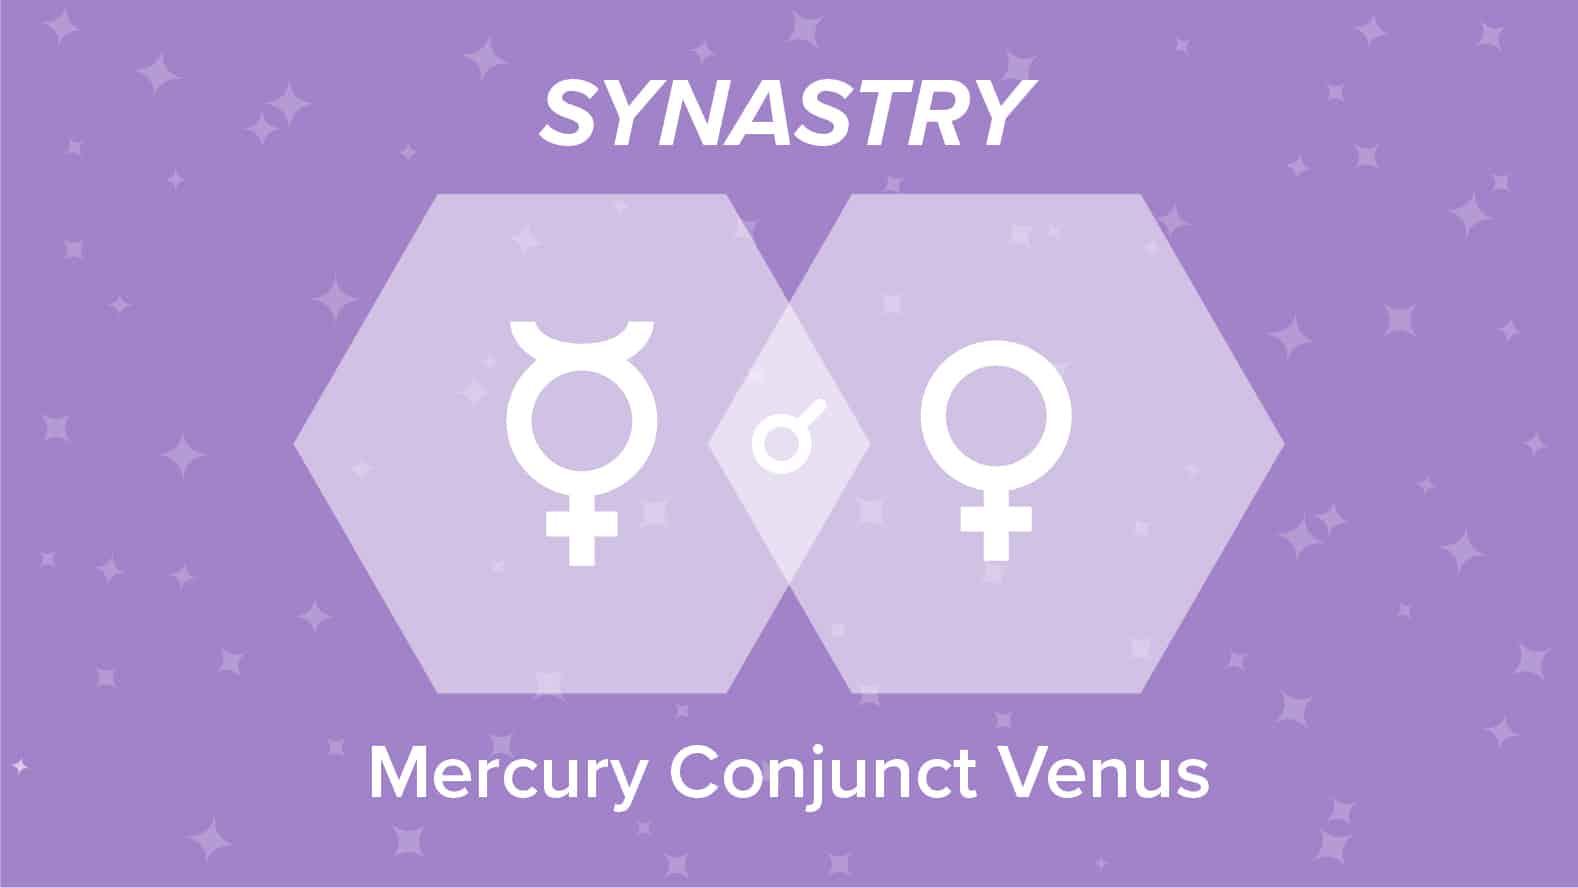 Mercury Conjunct Venus Synastry